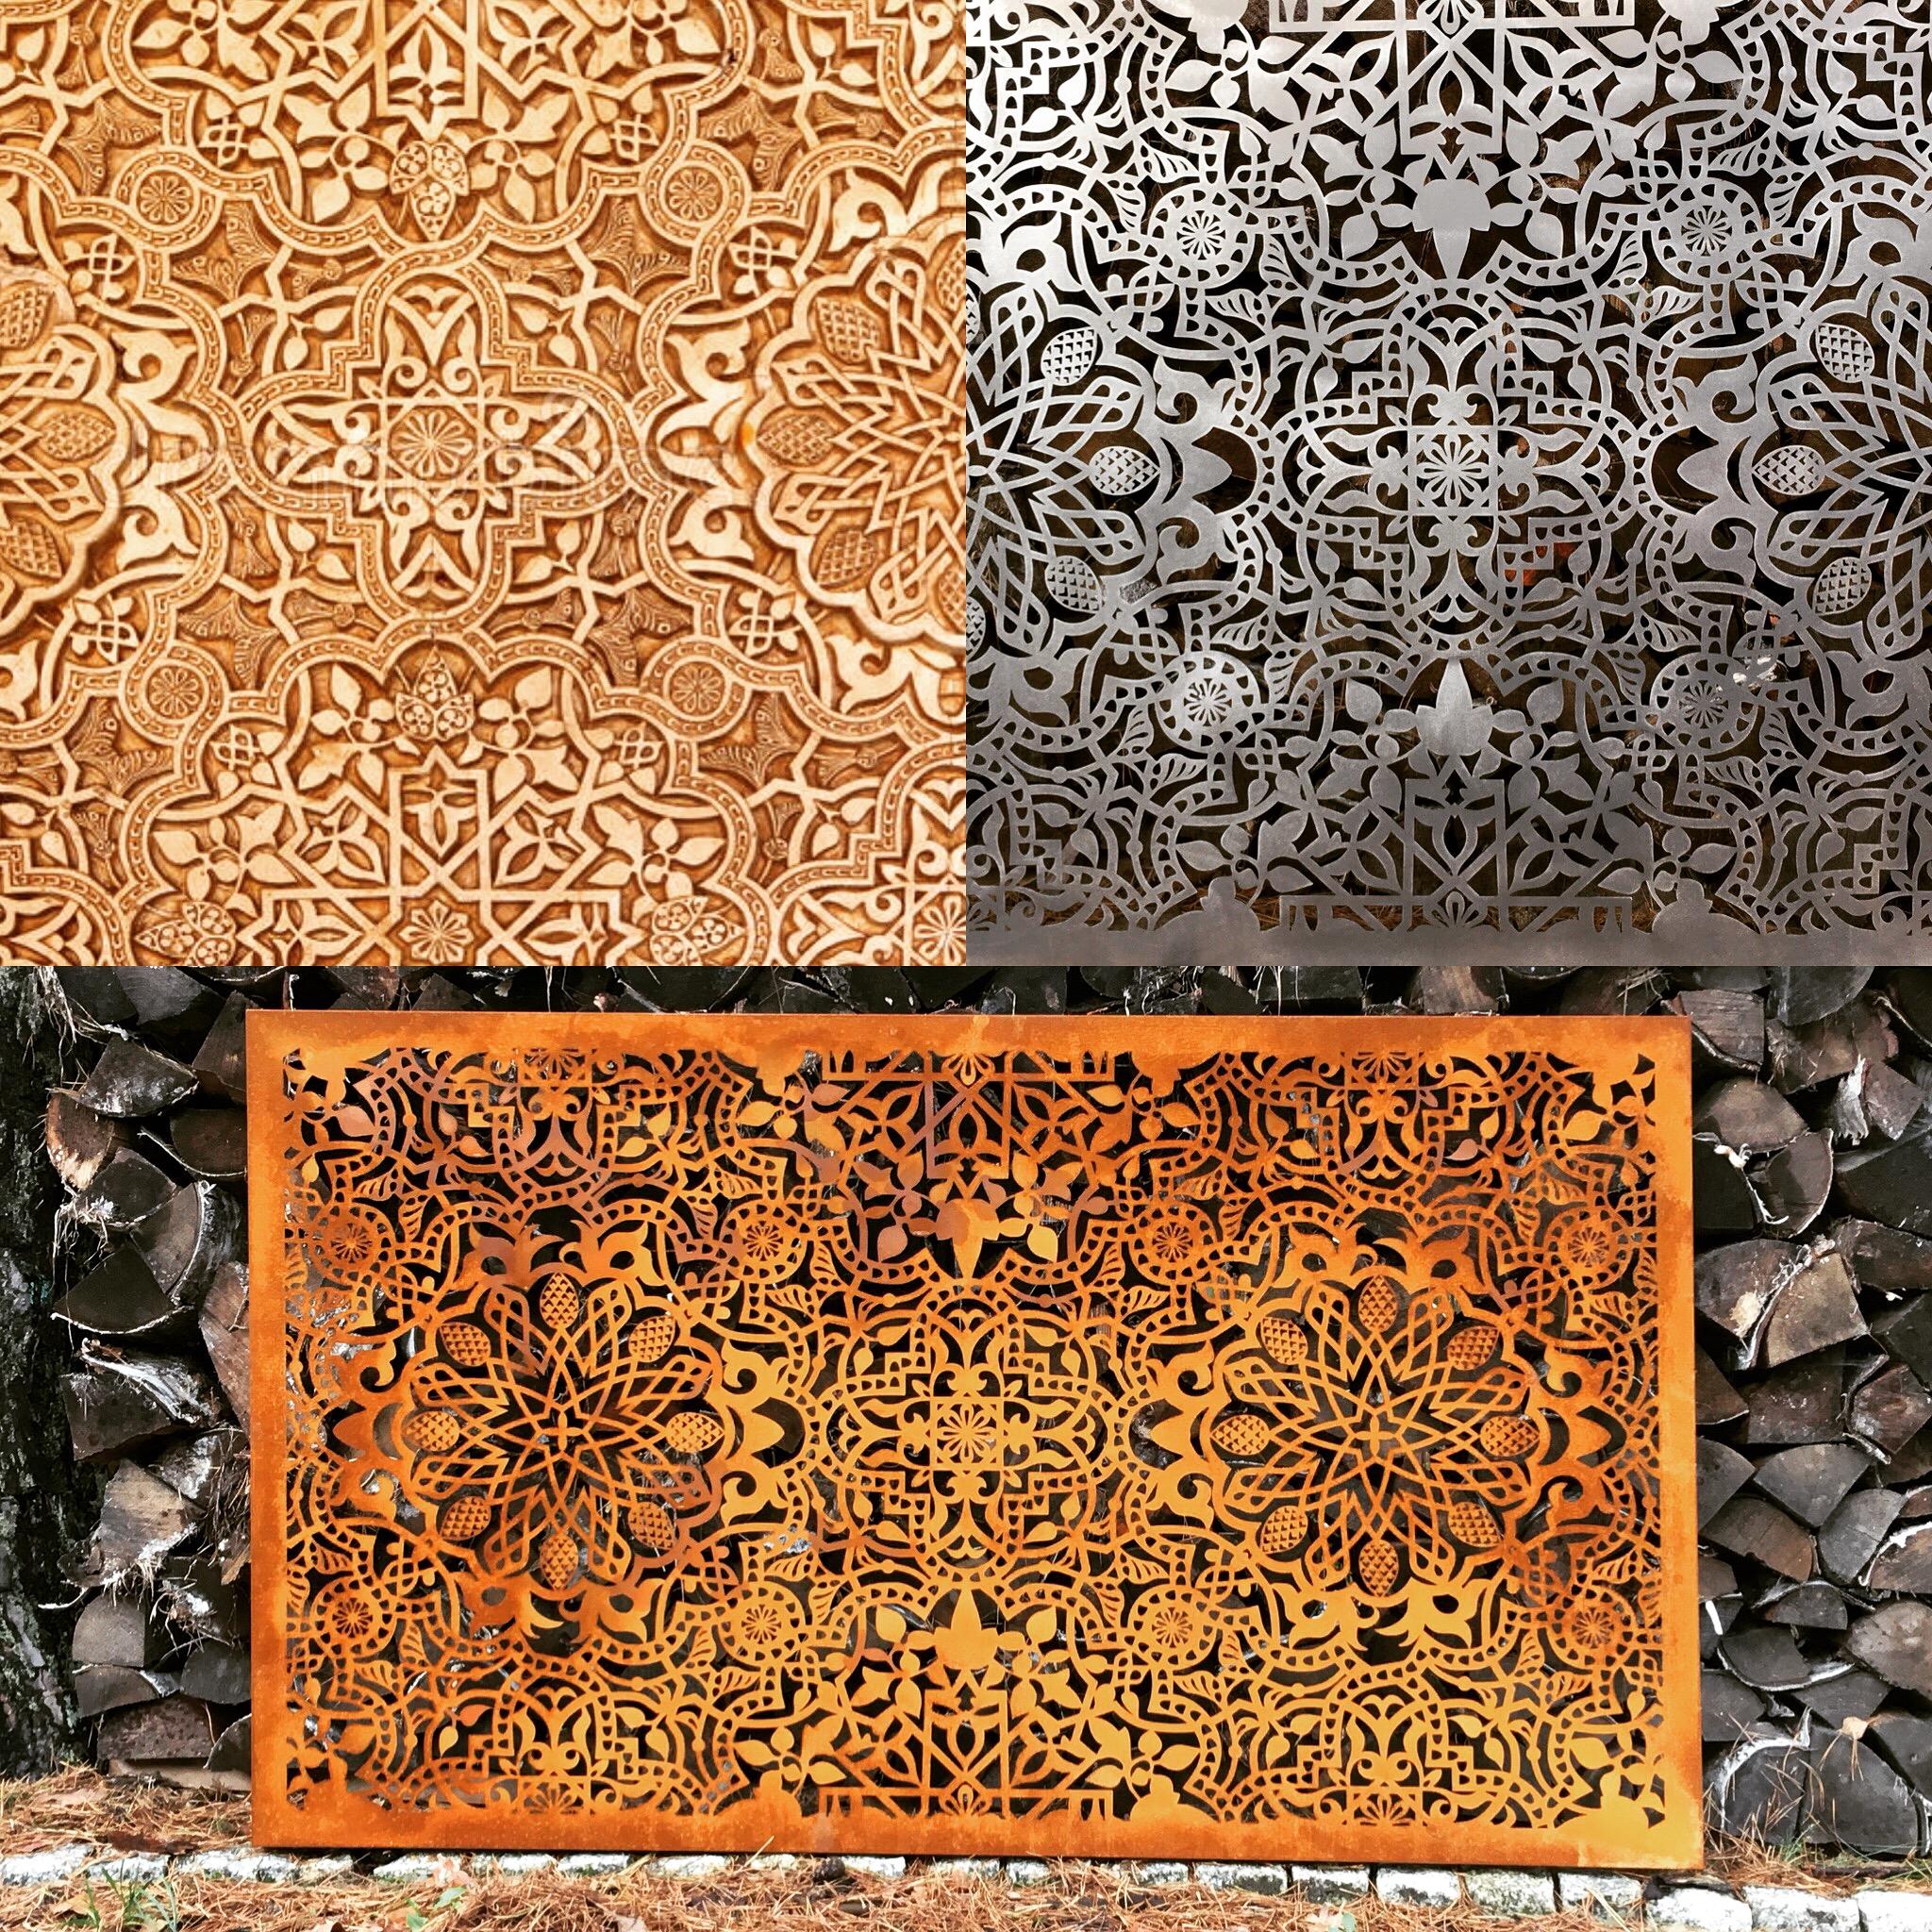 Obraz-metalowy-na-ścianę-wzór-mauretański_1